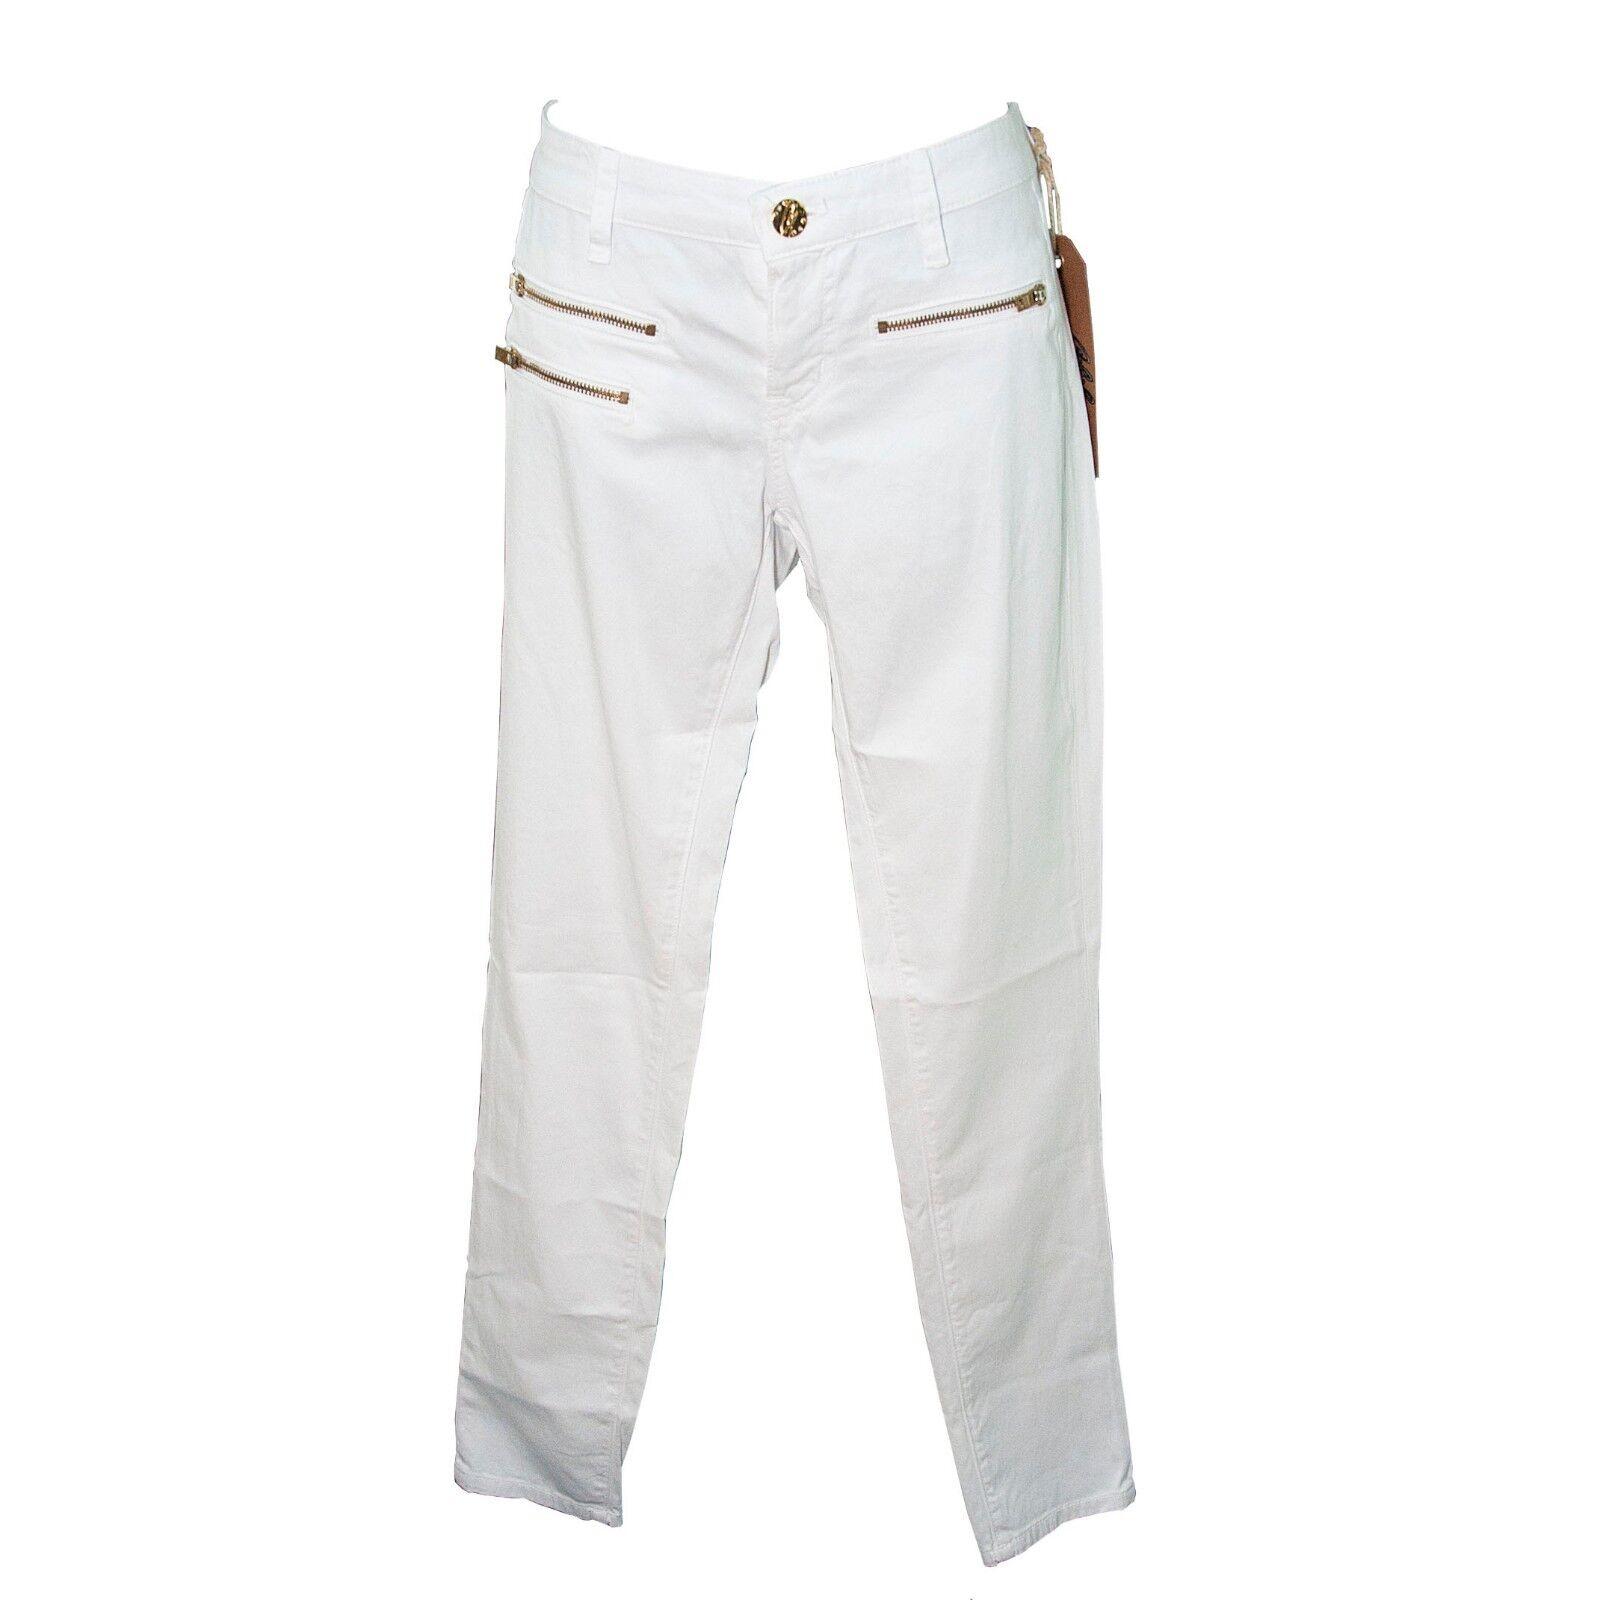 ABS Allen B Schwartz White Zipper Front Luxury Collection Denim Jeans 28 NWT